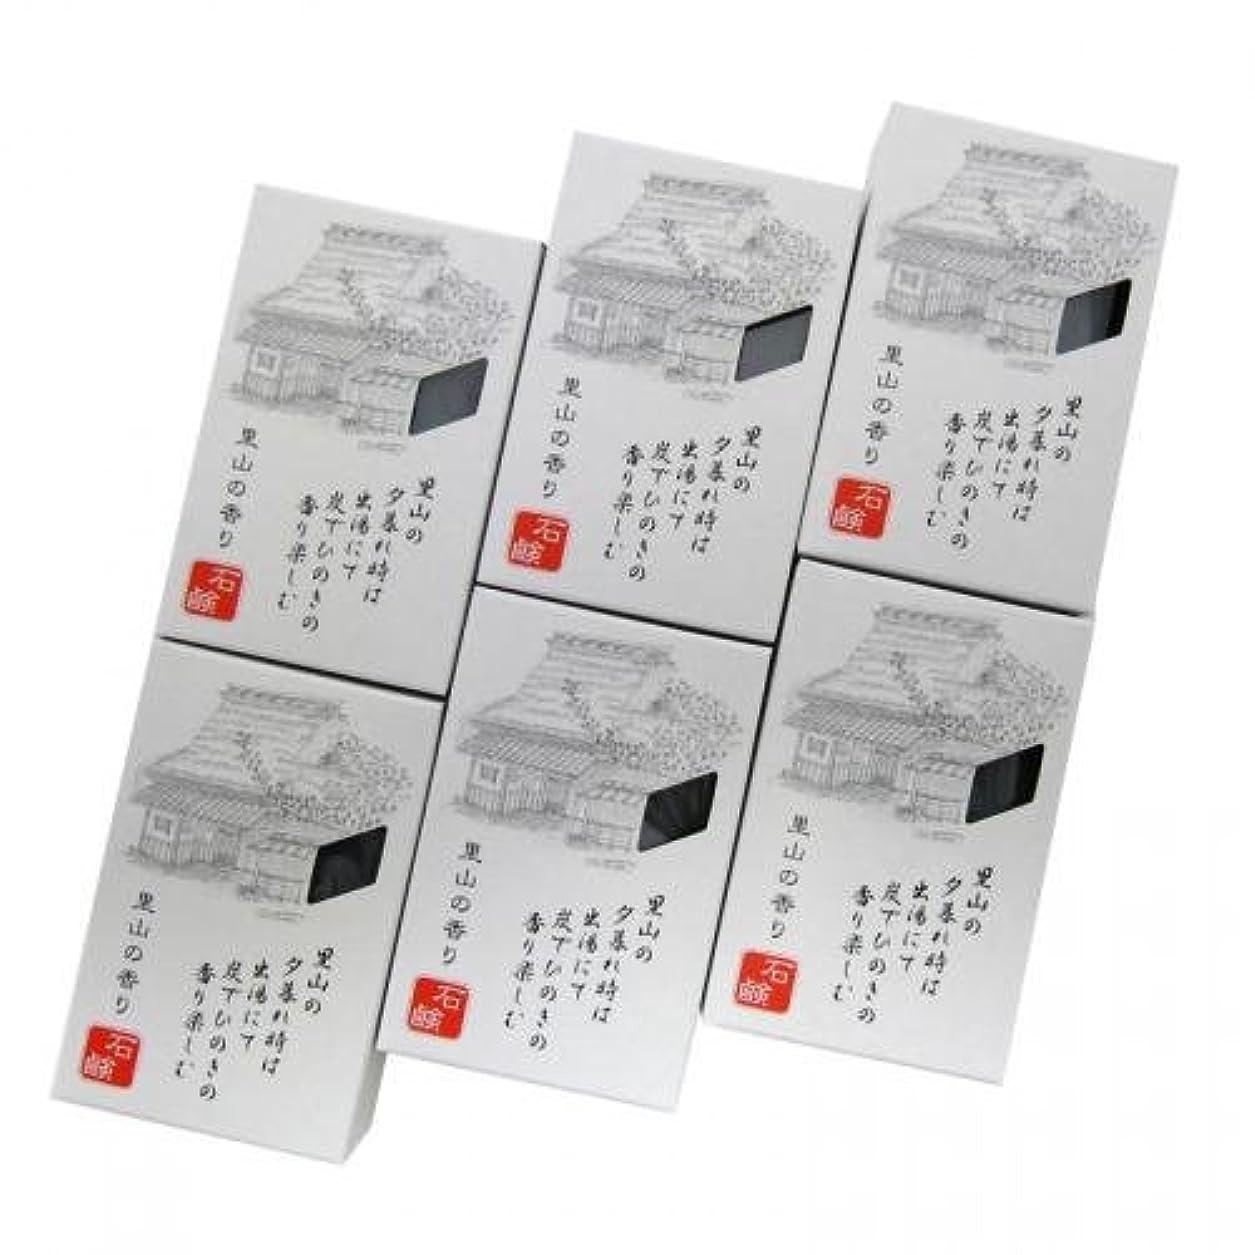 分解するエッセンス話すROTTS 里山の香り石鹸 100g 【6個セット】 iwasaya